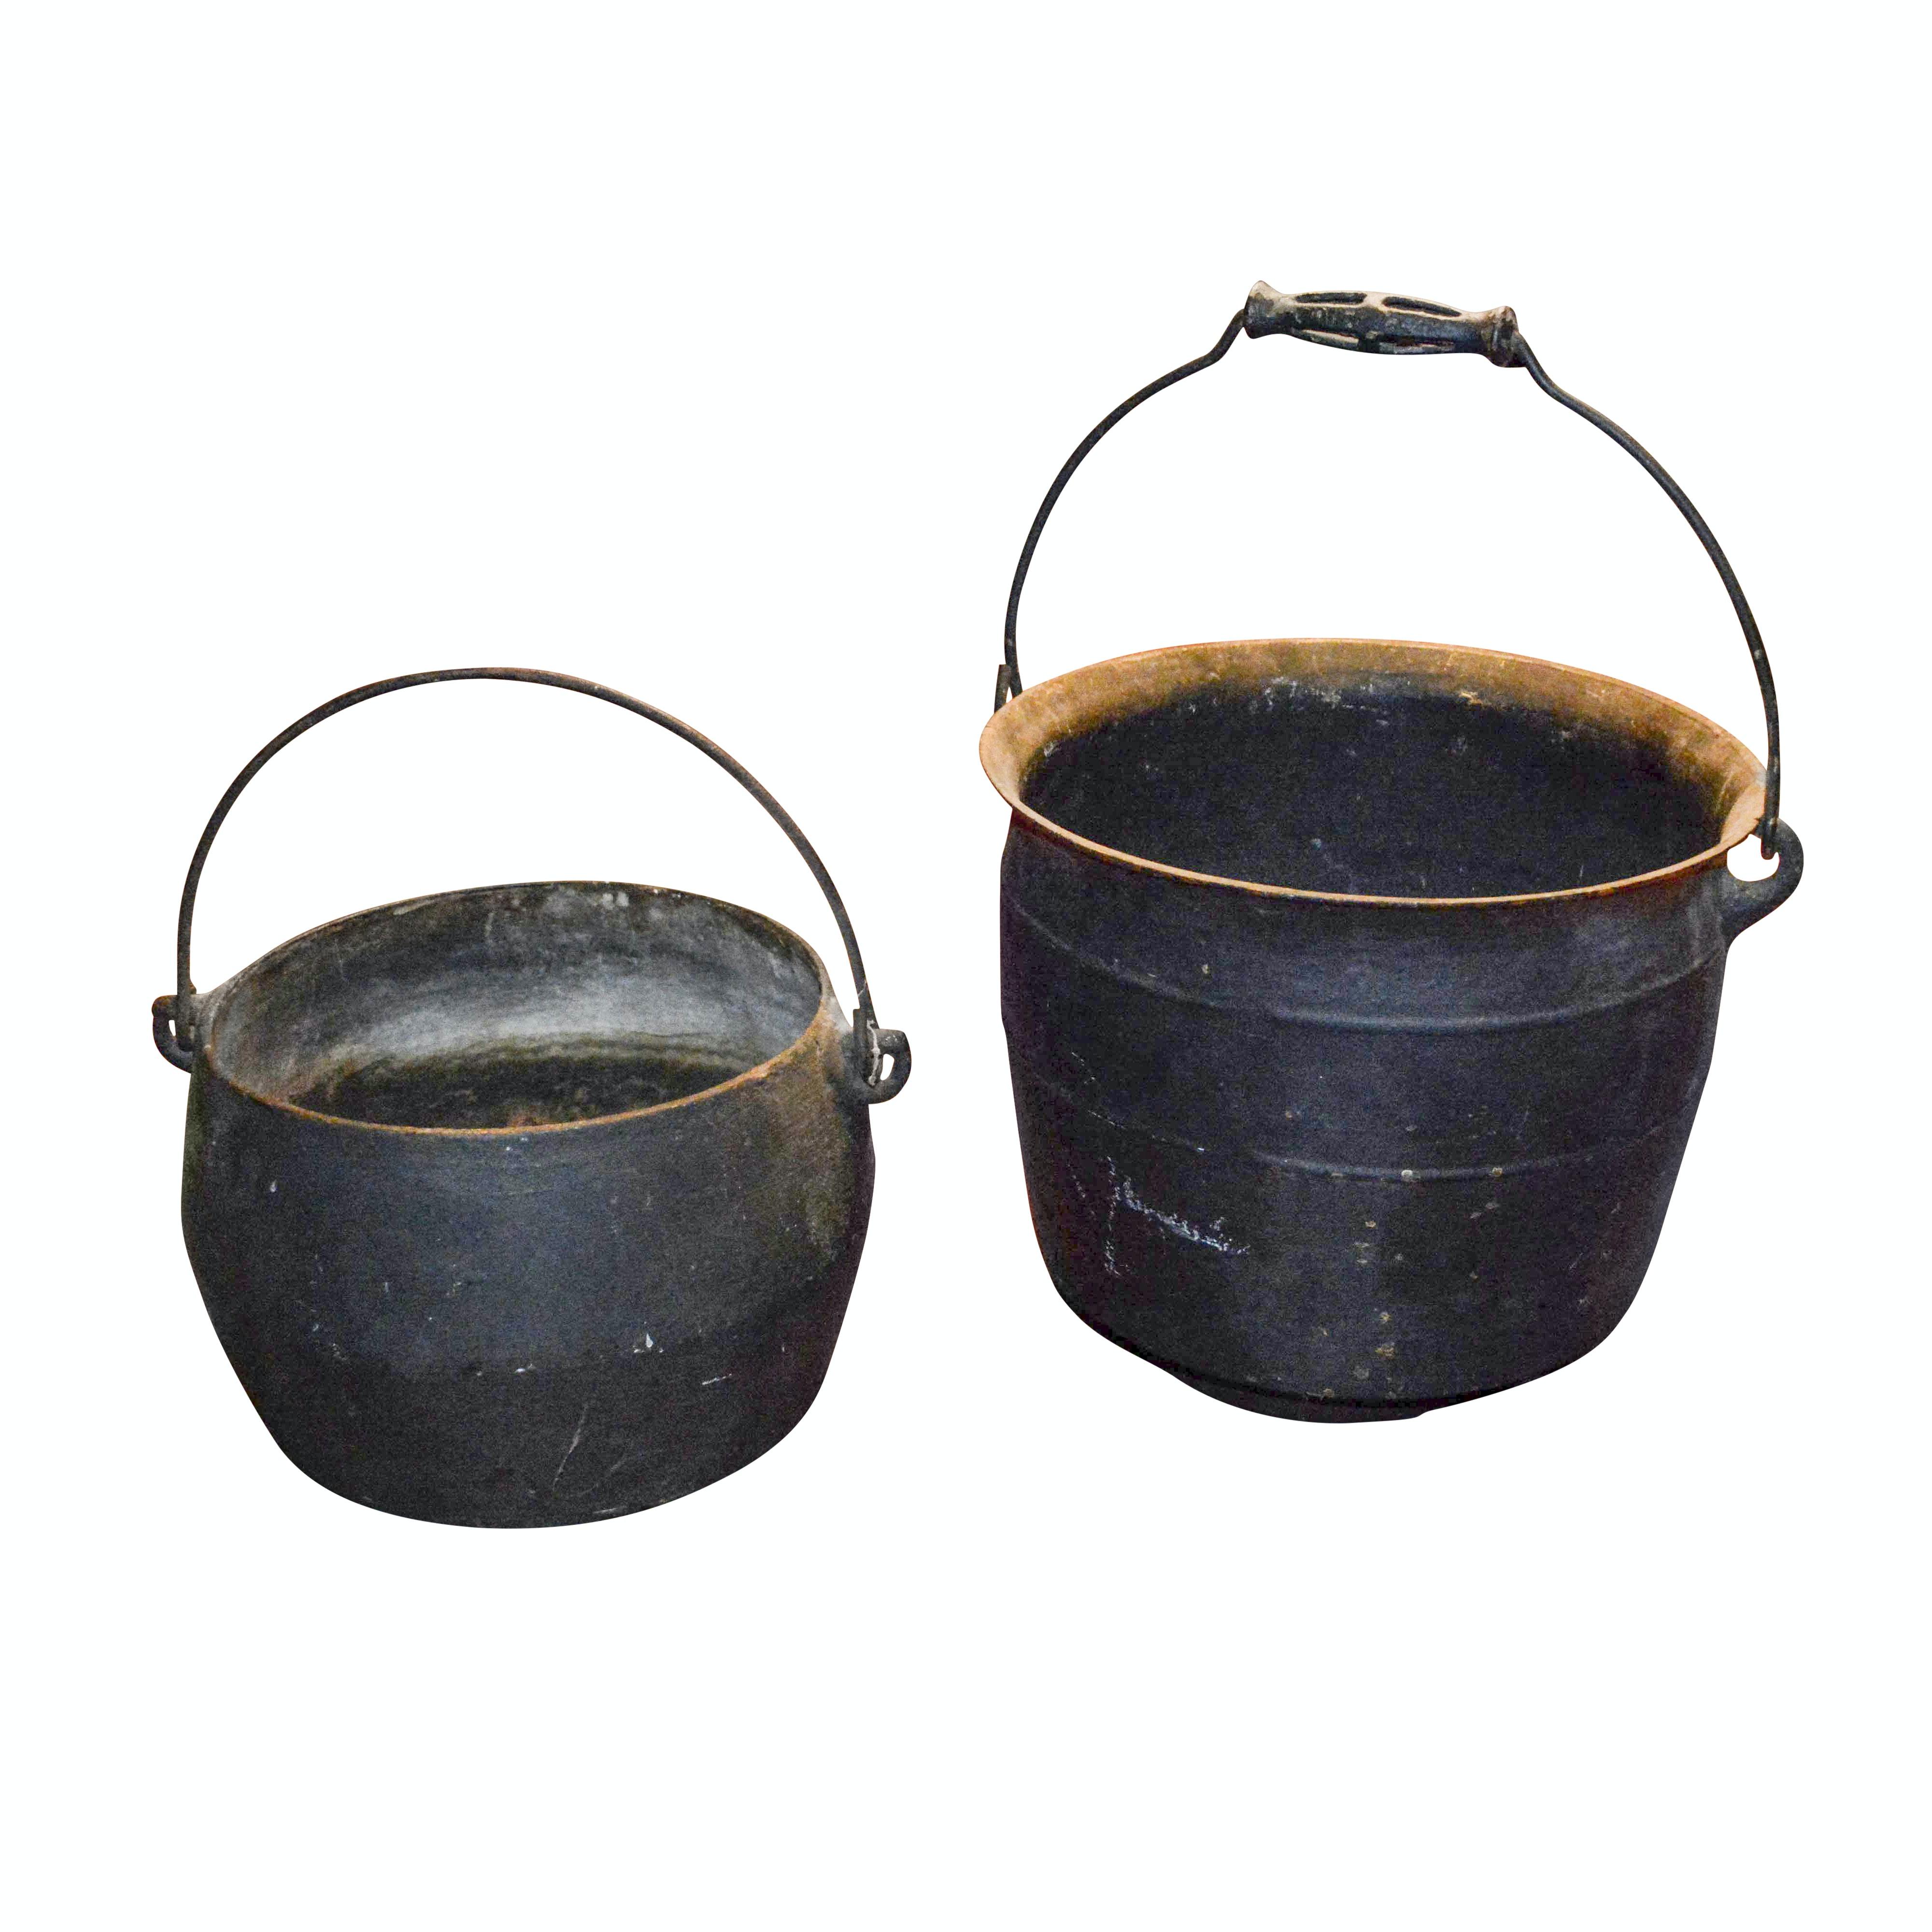 Pairing of Antique Cast Iron Cauldrons